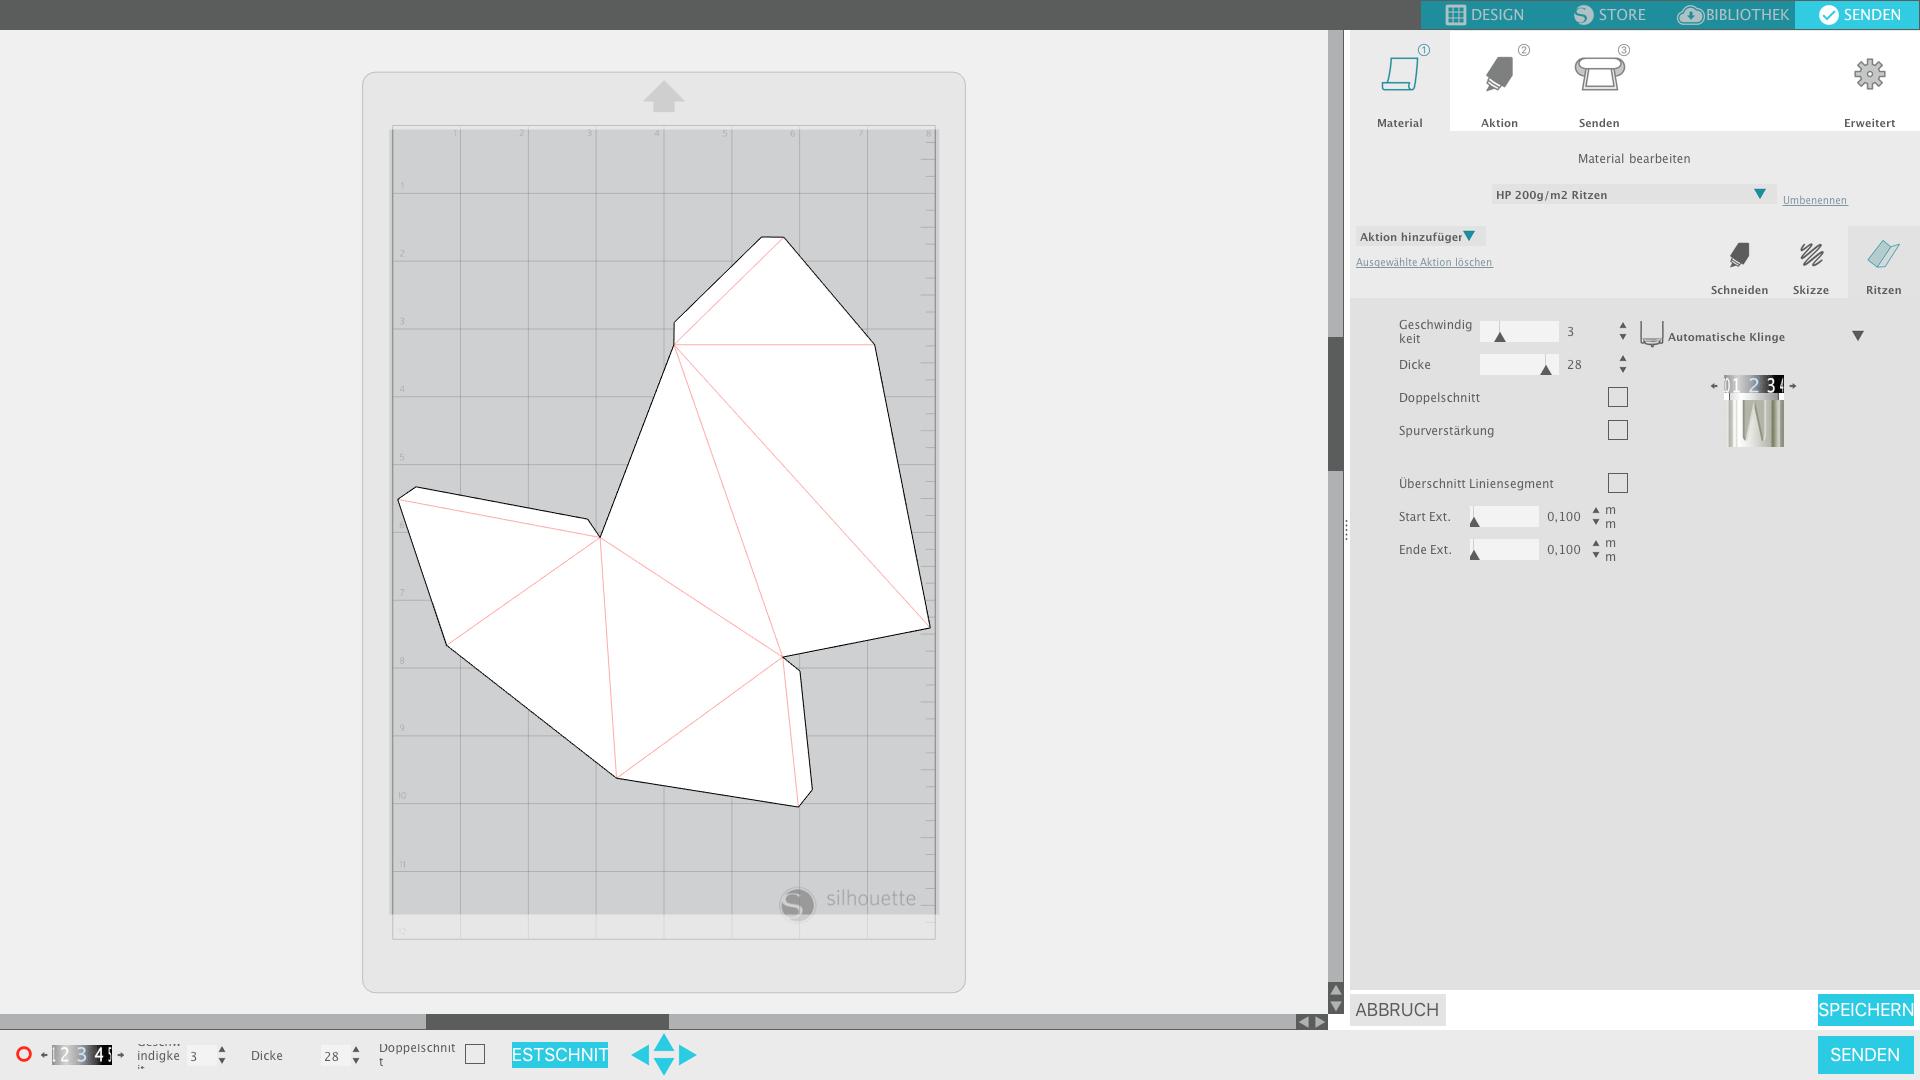 Material-Einstellung zum Ritzen von 200g/m2 Papier